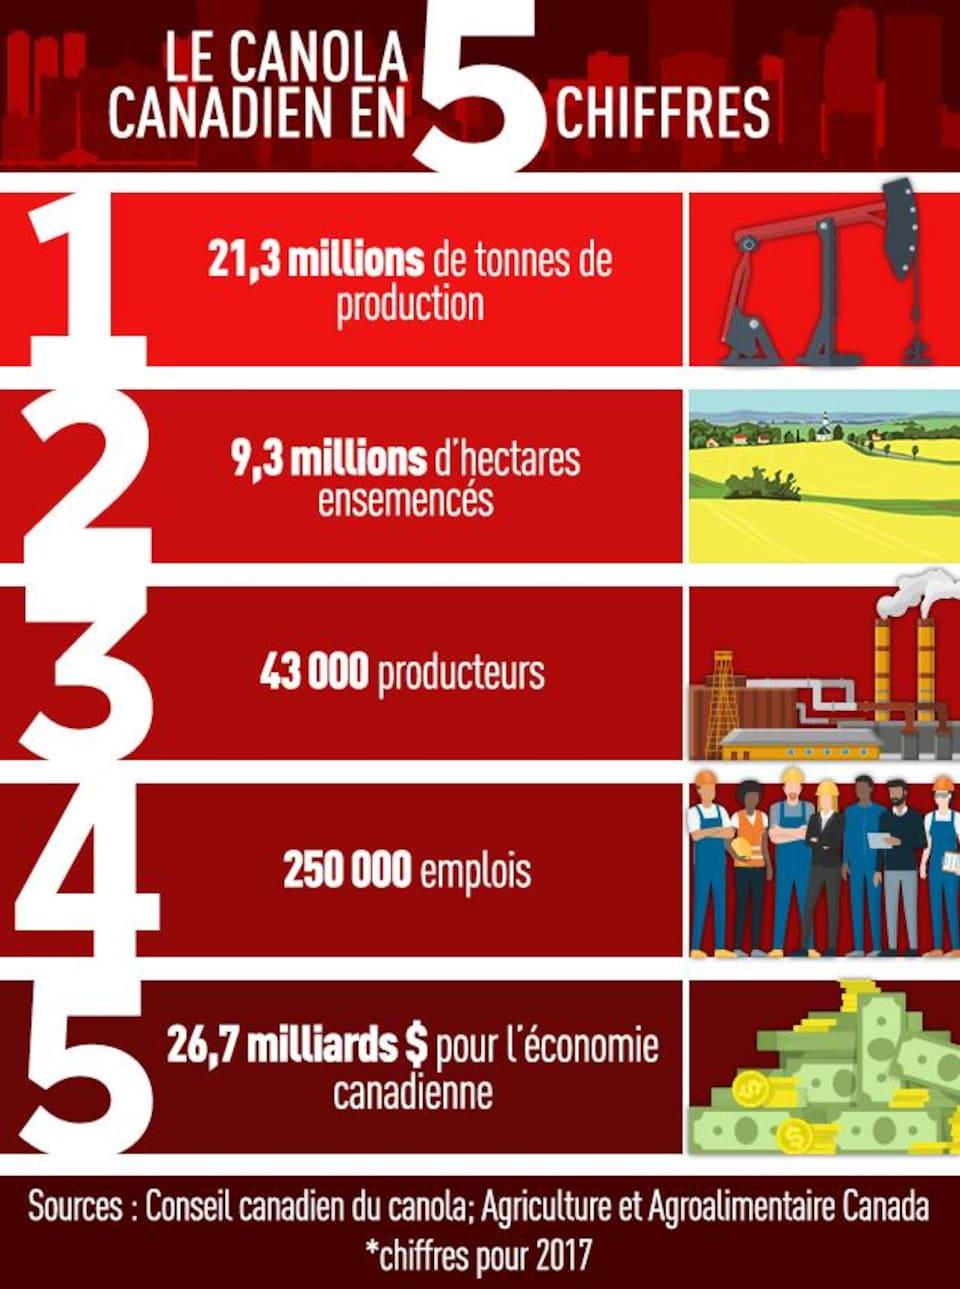 Graphique qui dit : le canola canadien...en 5 chiffres : 21,3 millions de tonnes de production; 9,3 millions d'hectares ensemencés; 43 000 producteurs; 250 000 emplois; 26,7 milliards $ pour l'économie canadienne. Sources : Conseil canadien du canola; Agriculture et Agroalimentaire Canada. *chiffres pour 2017